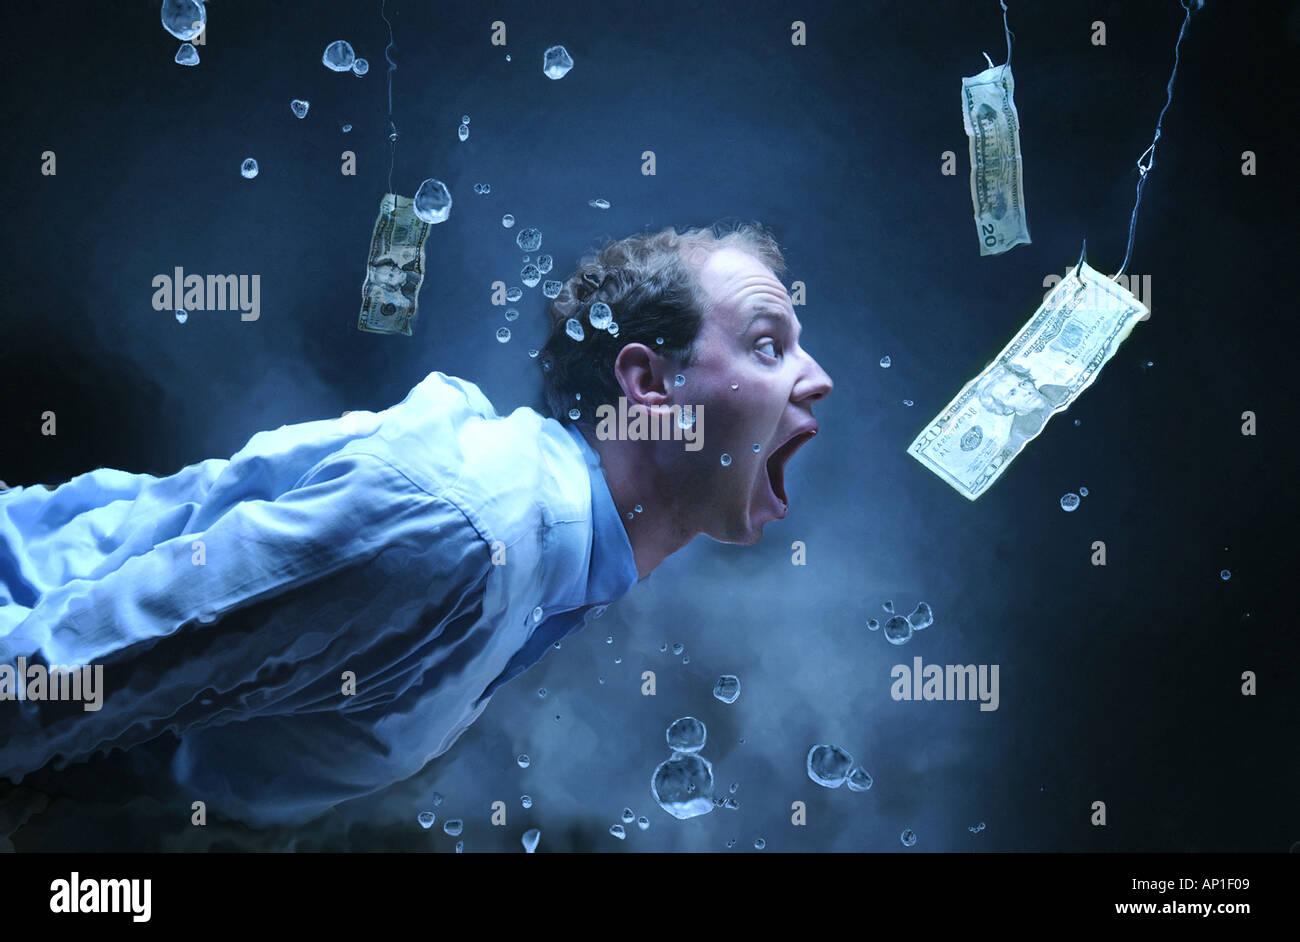 """'Business umorismo' concetto uomo nuoto sott'acqua dopo il denaro sul gancio di pesca. Offerte a ventosa. """"Ad alto interesse di credito"""". Immagini Stock"""